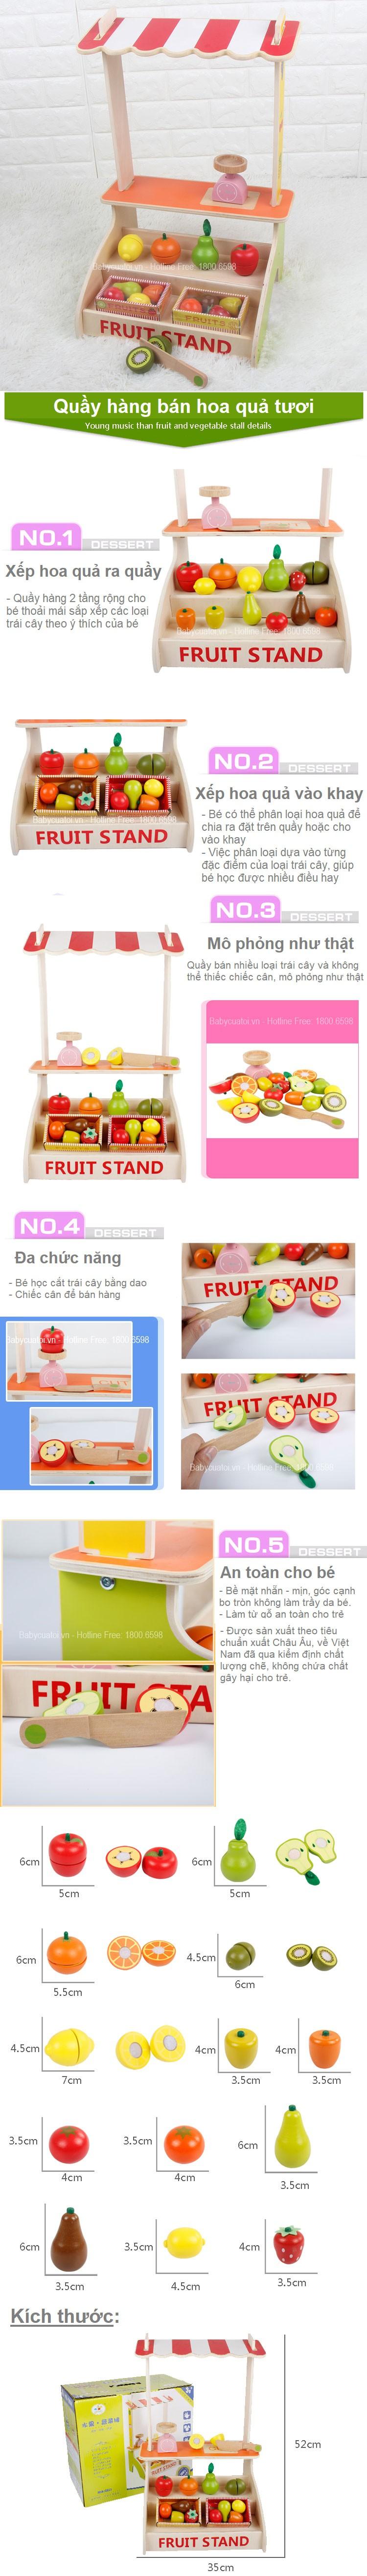 Đồ chơi quầy bán trái cây cho bé MSN15023